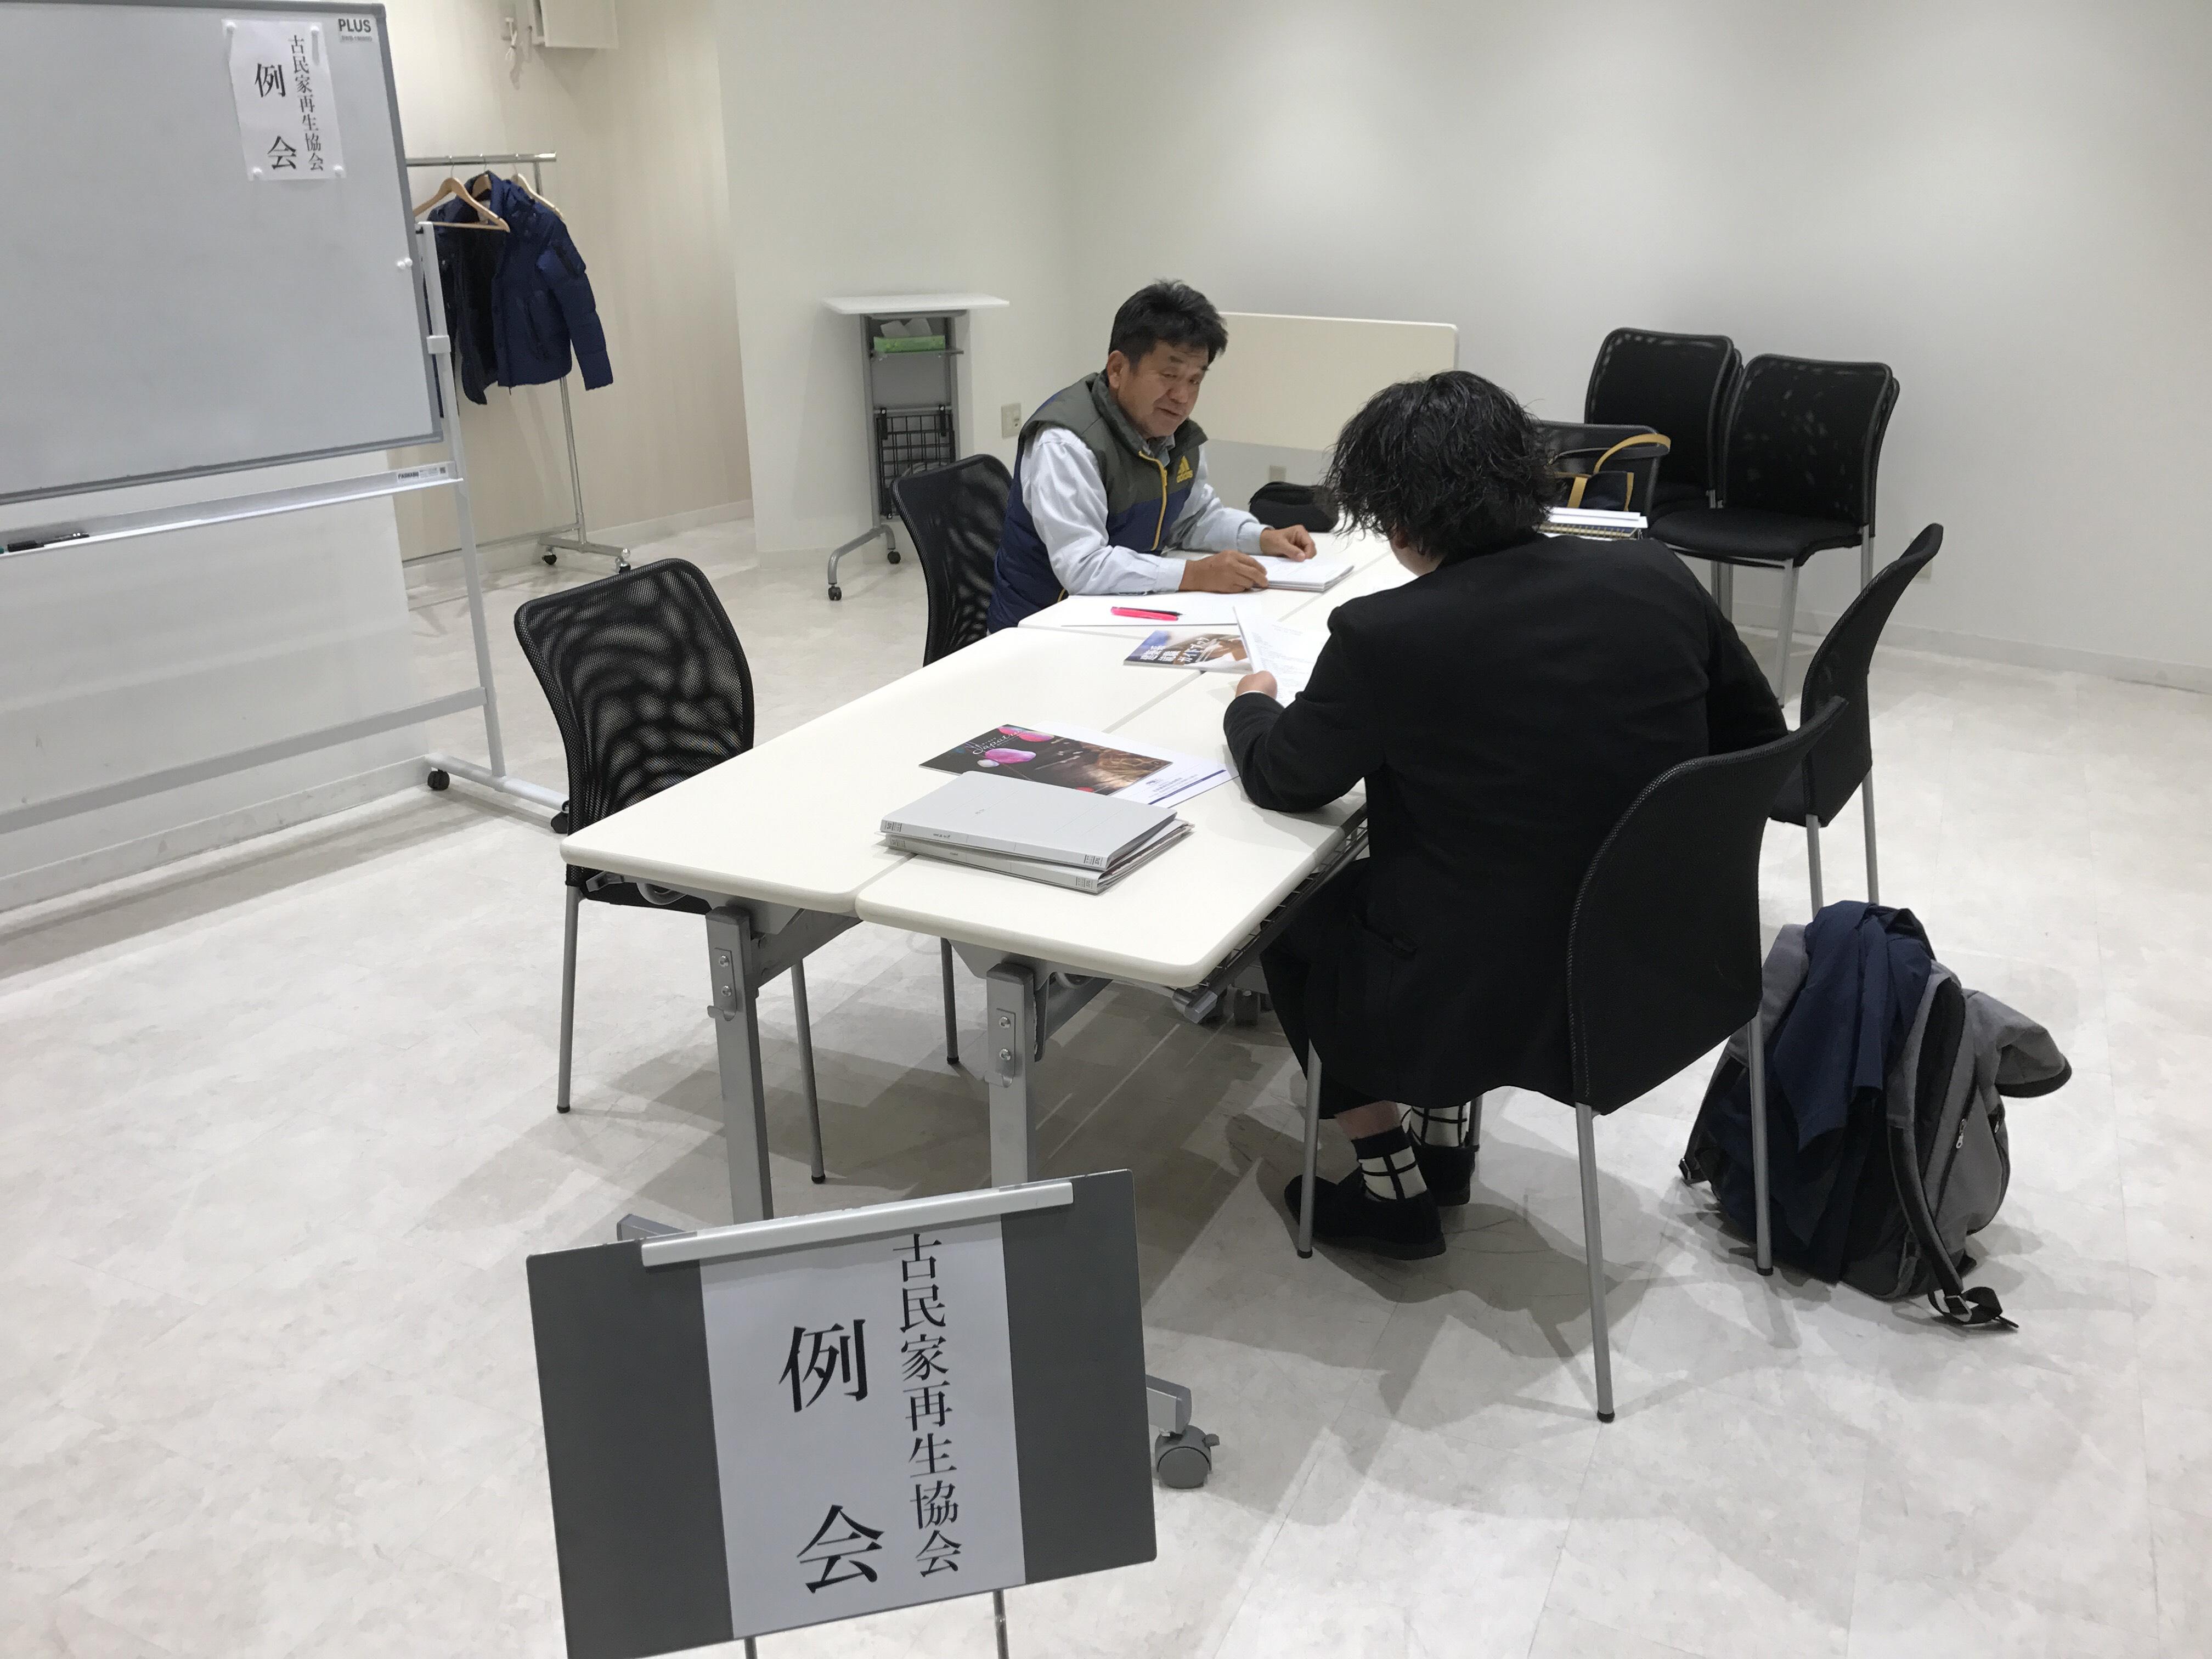 2017/02/15 古民家再生協会熊本例会